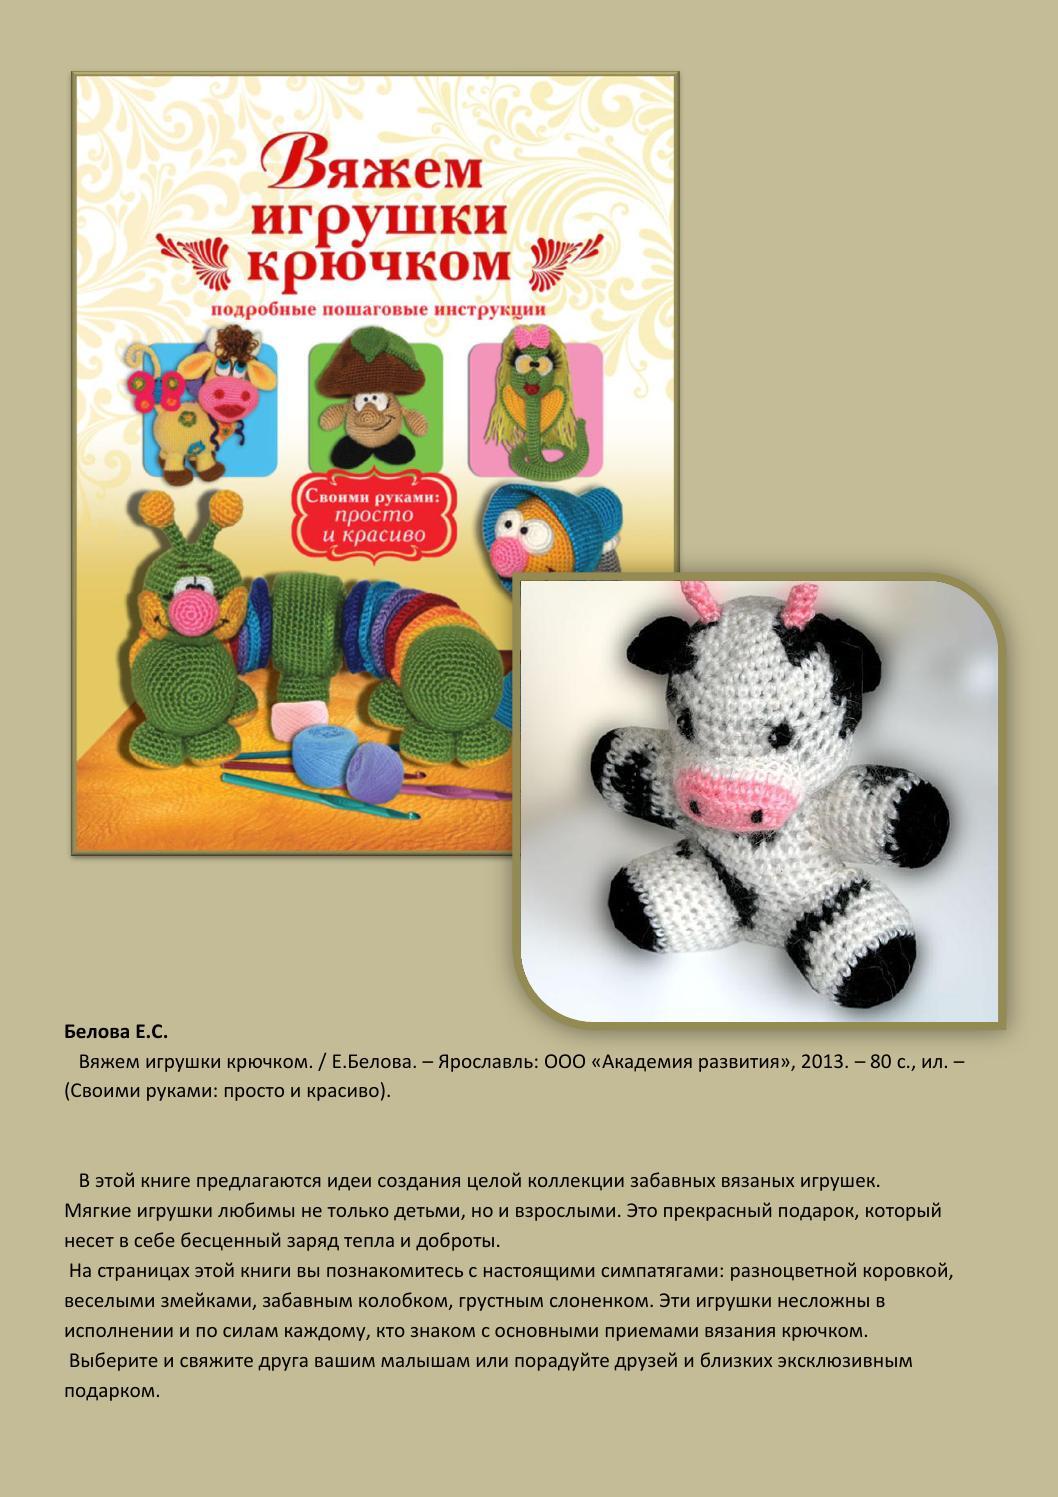 Вязаная кукла пошаговая инструкция